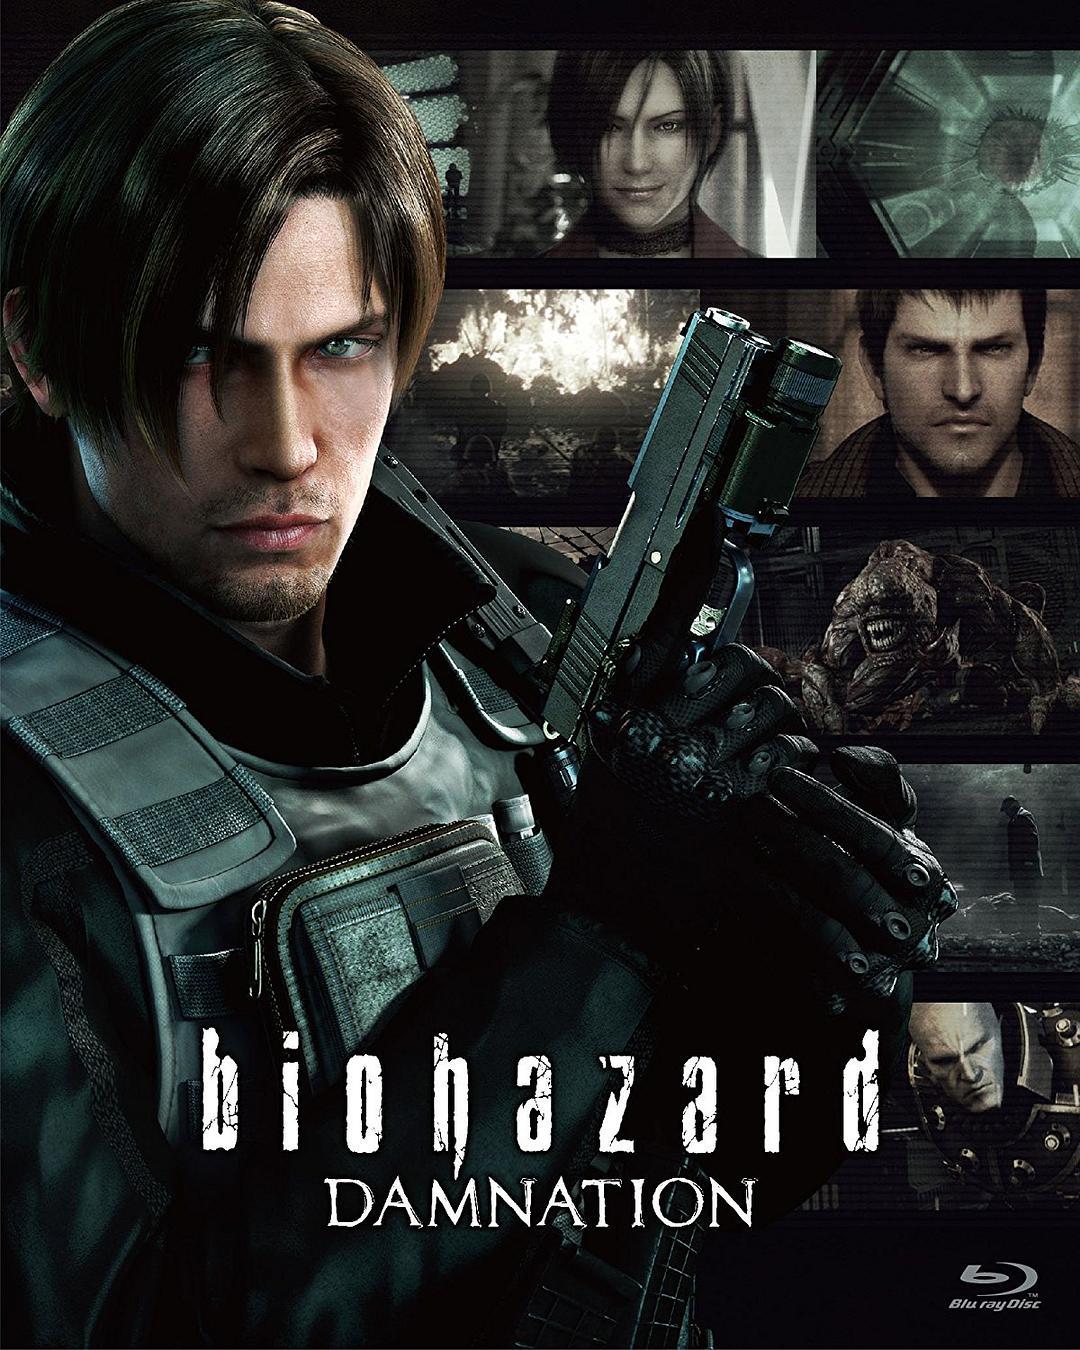 生化危机:诅咒迅雷下载 1080P百度云/磁力链接下载 Biohazard: Damnation / Resident Evil: Damnation 2012 バイオハザード ダムネーション 36.2G插图(1)